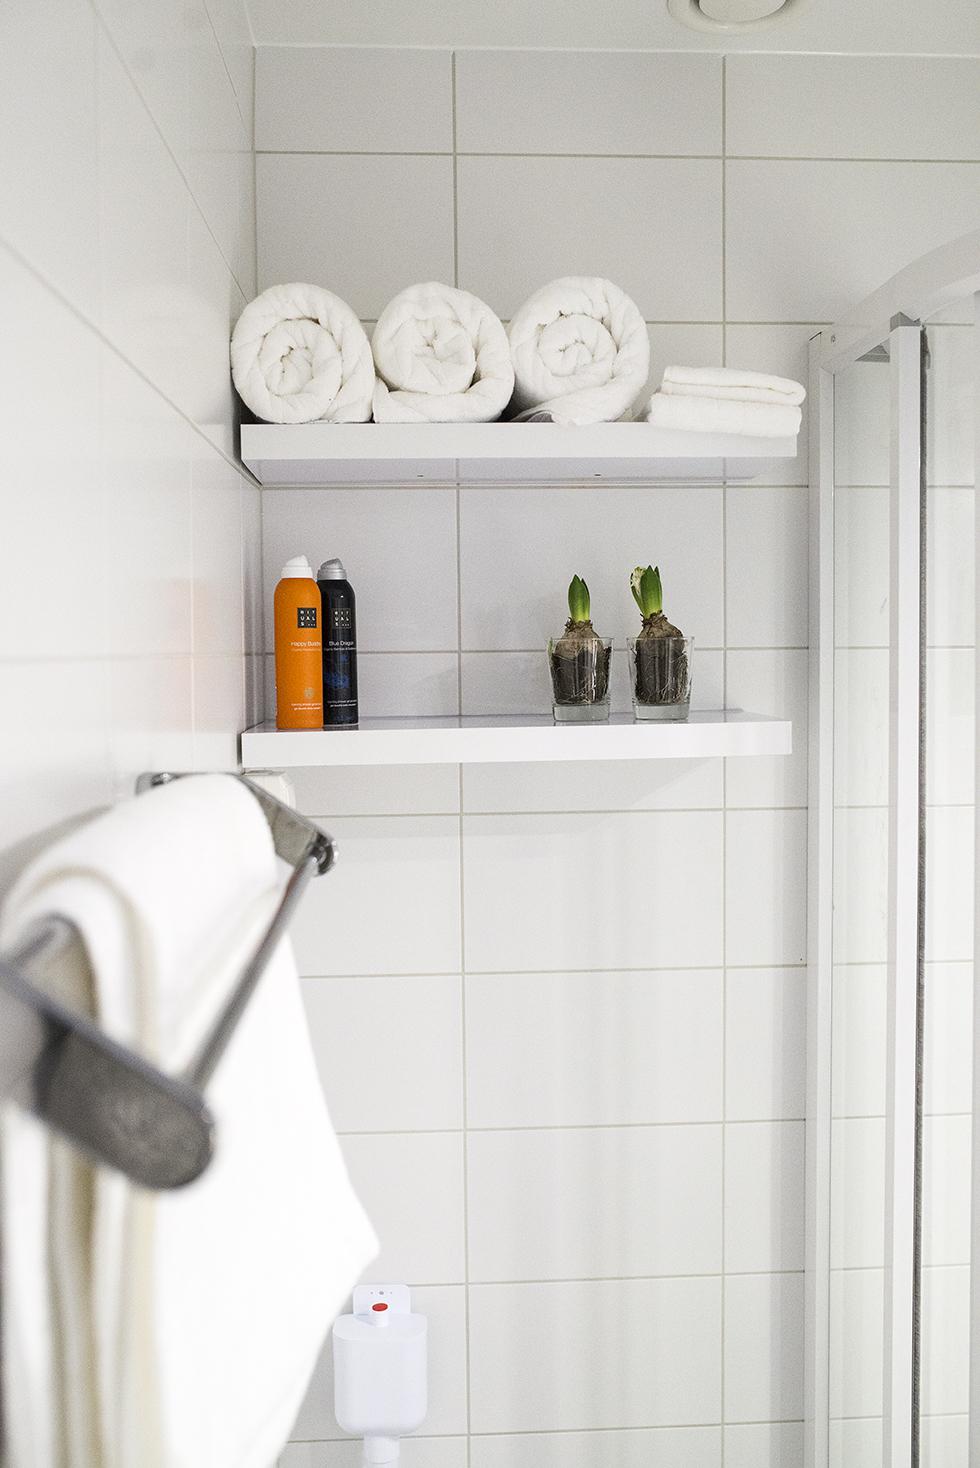 Badrum nytt badrum : Att ha ett nytt badrum. – Annas